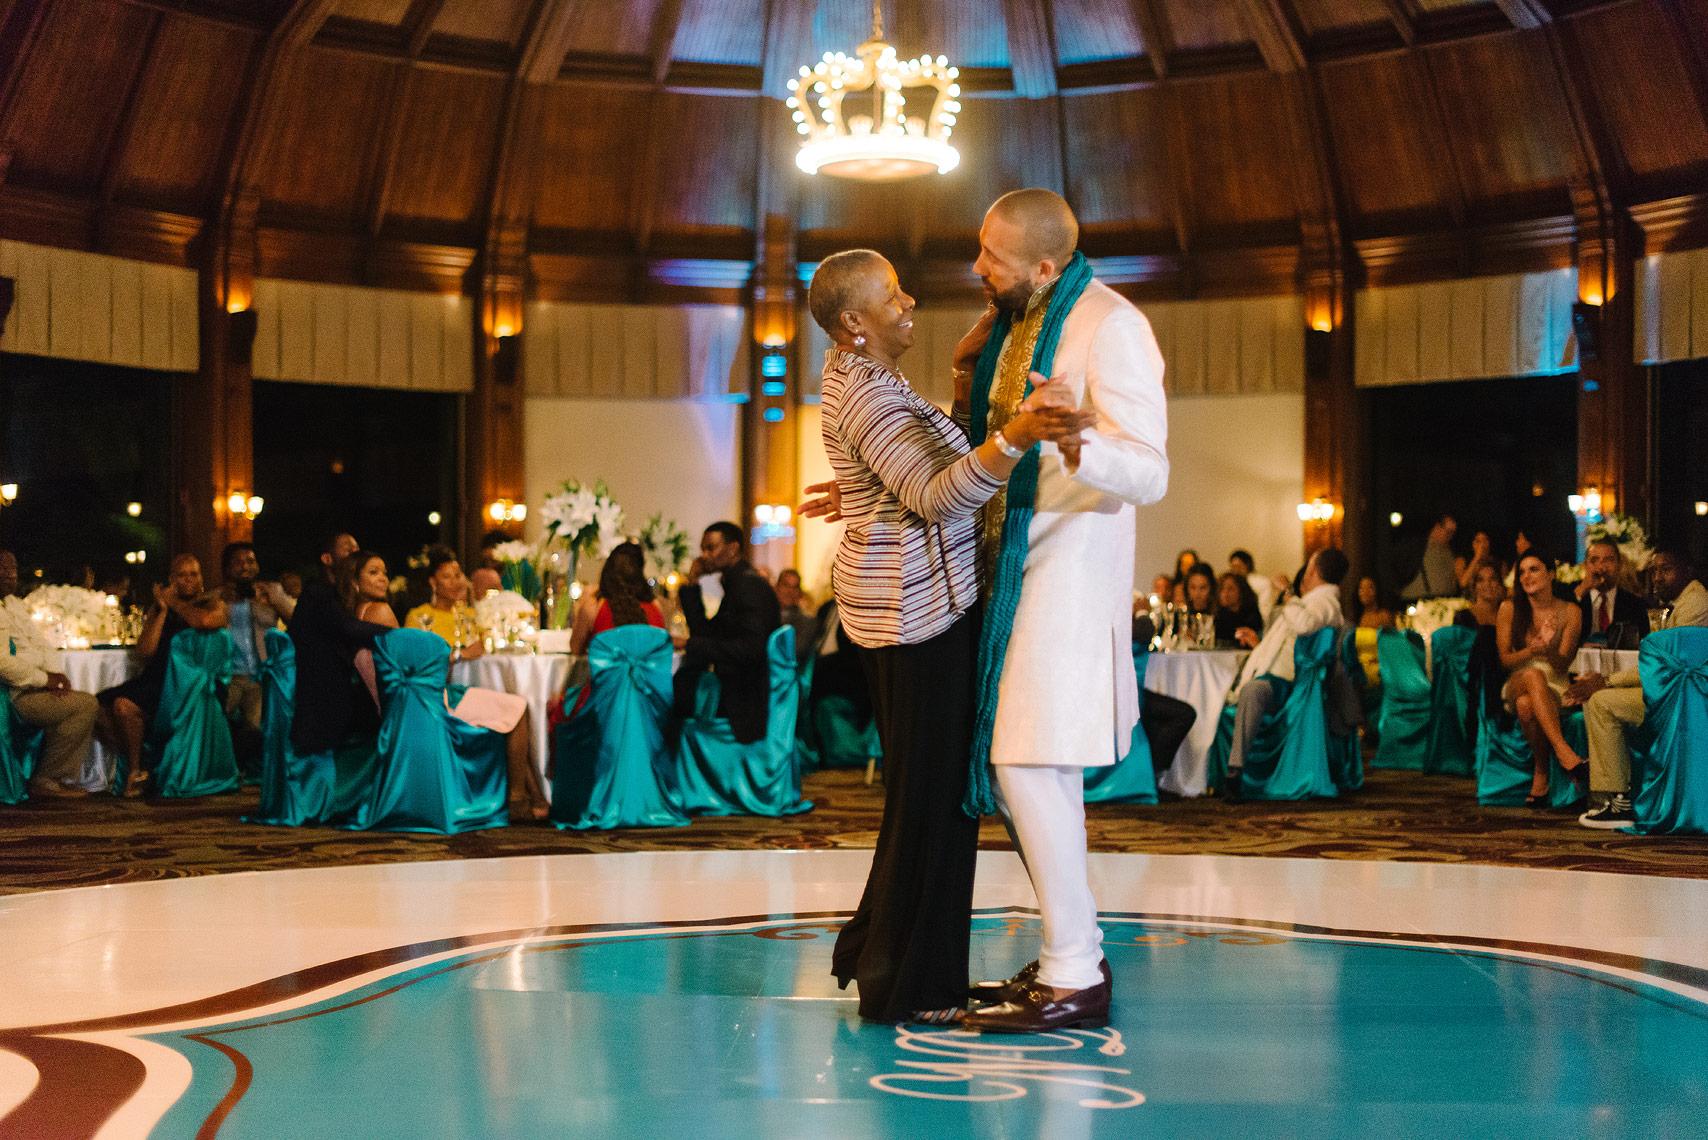 27-hotel-del-coronado-celebrity-wedding.jpg